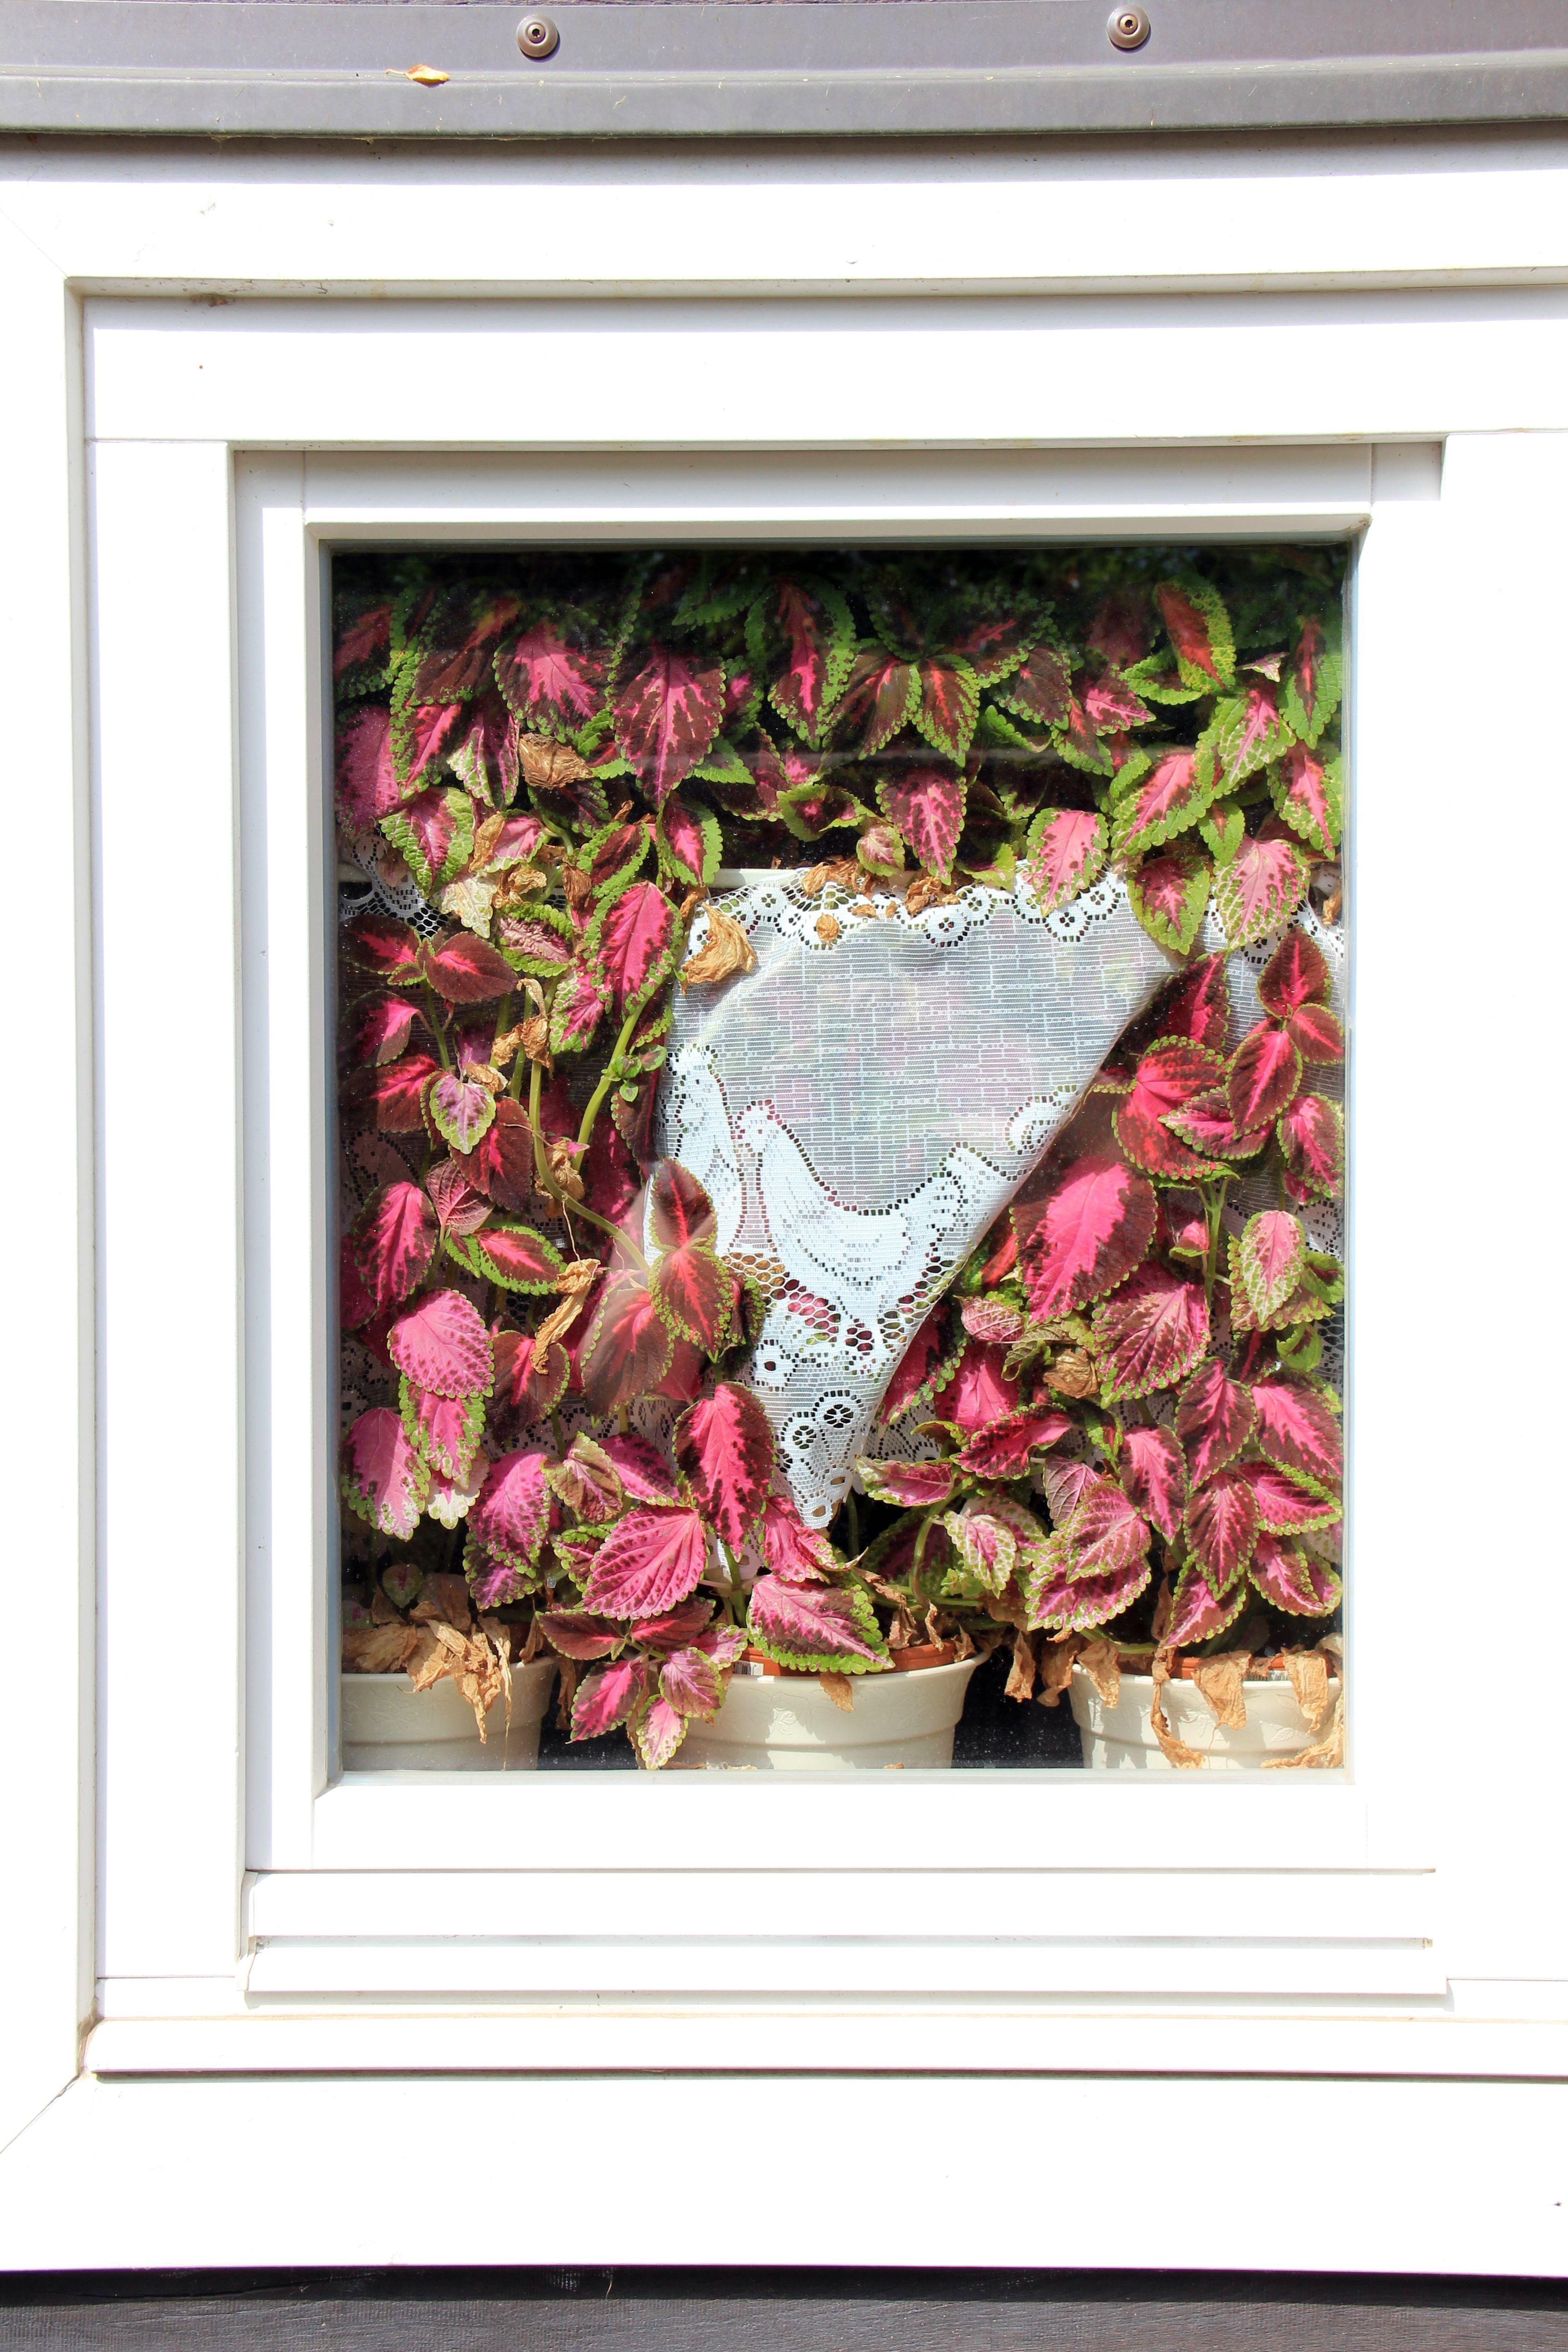 Kostenlose foto : Fenster, Gebäude, Zuhause, Muster, Vorhang, Blumen ...